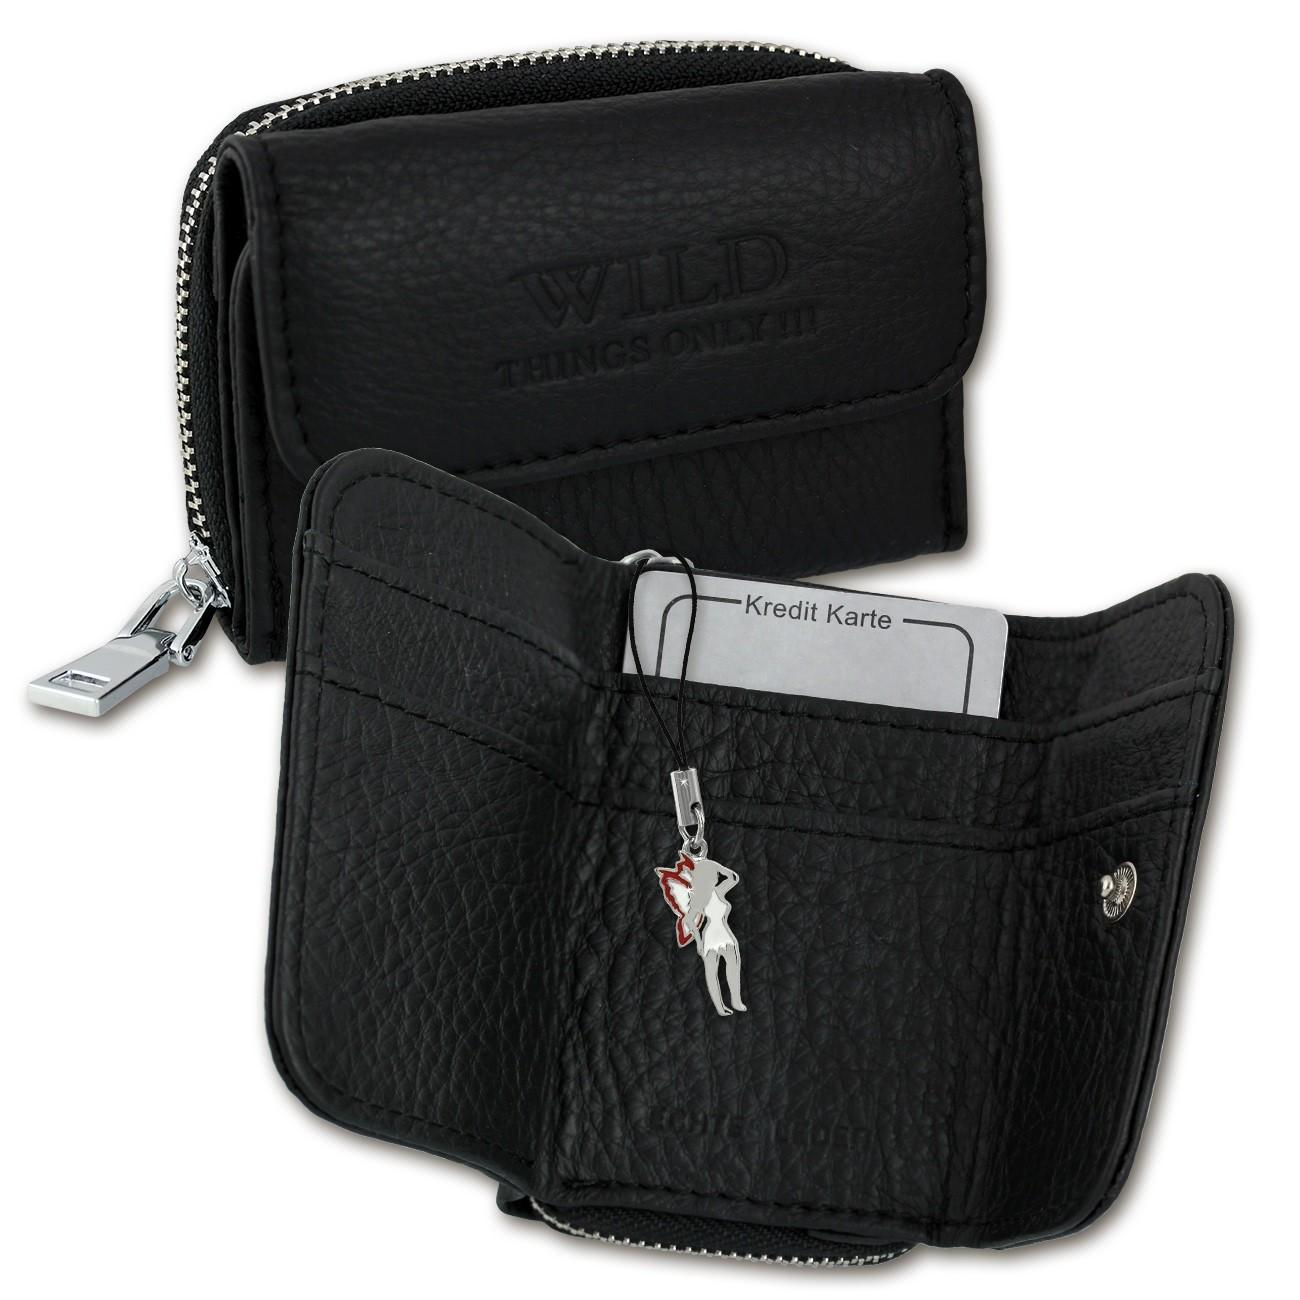 Geldbörse Leder schwarz kleines Portemonnaie Minibörse Wild Things Only OPJ120S